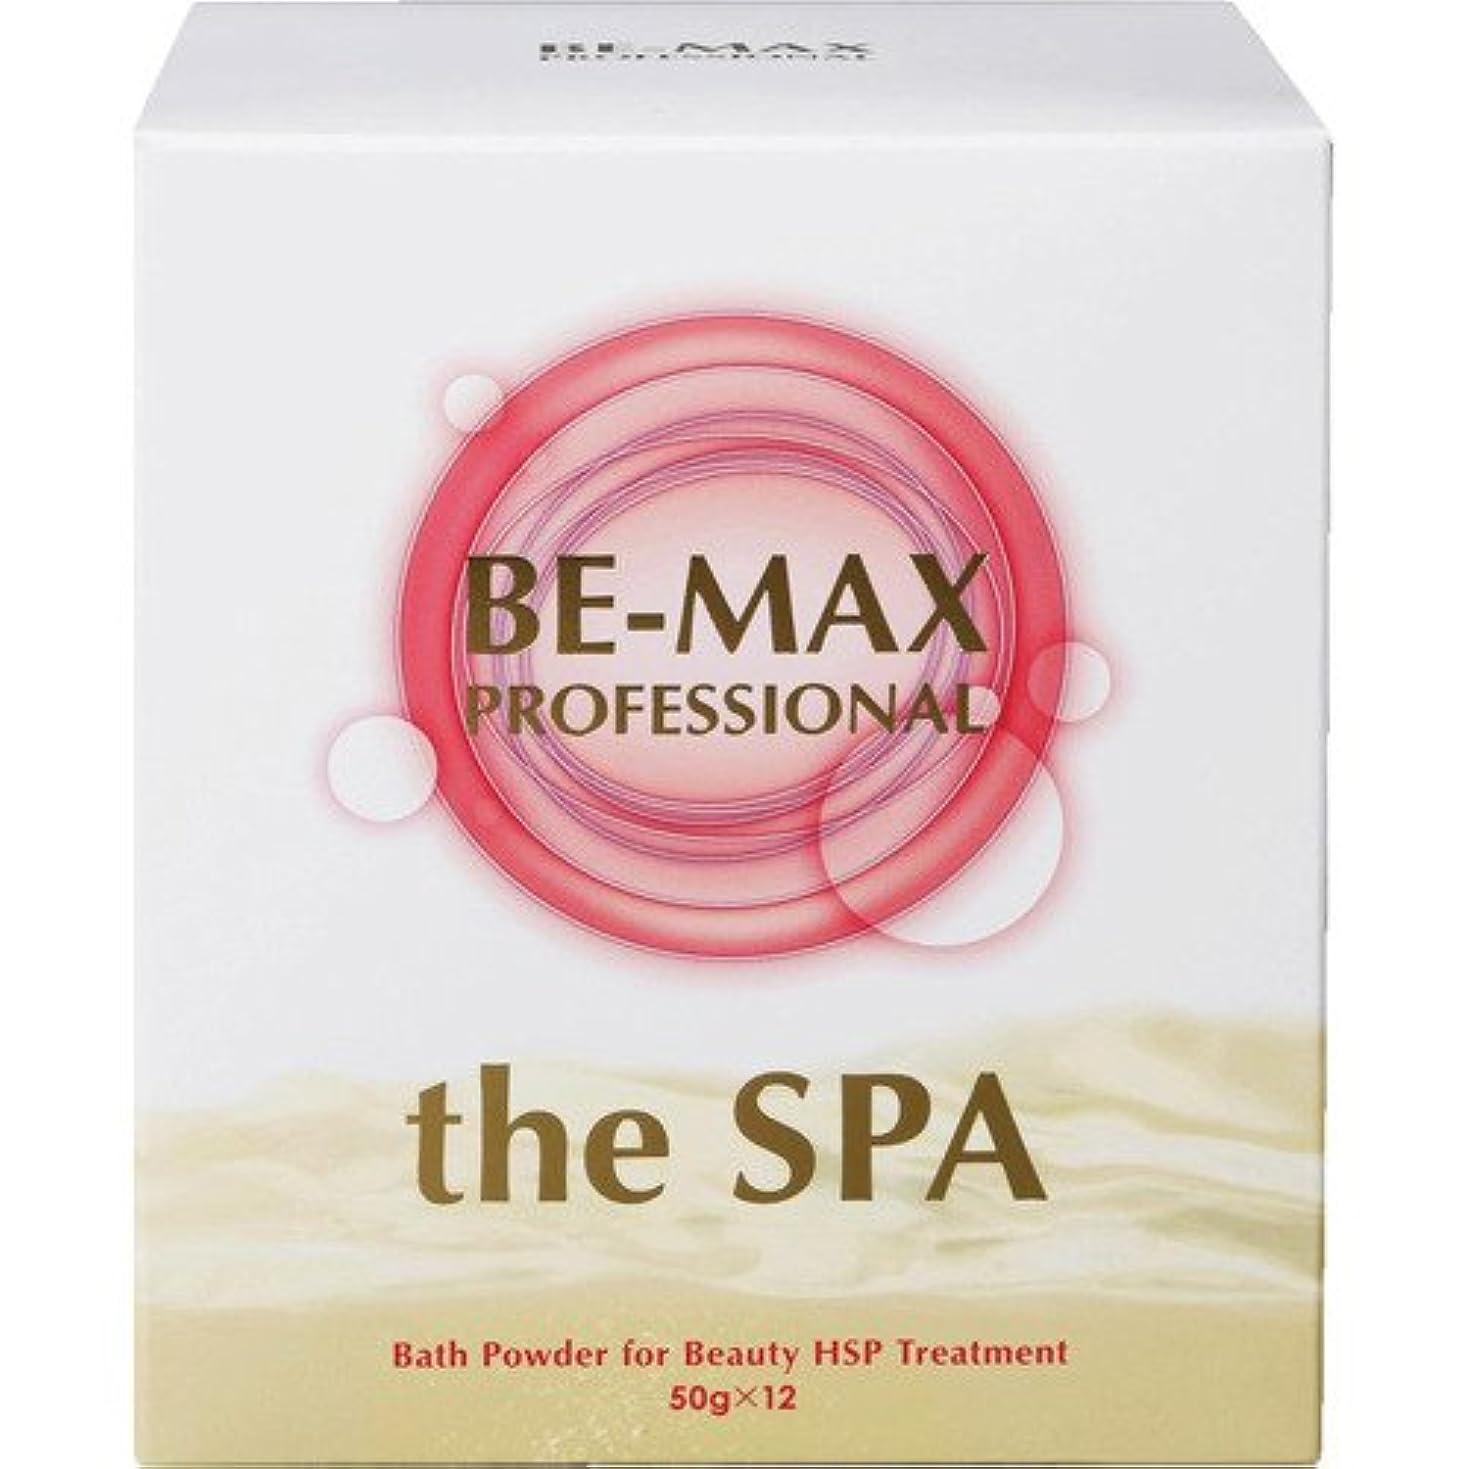 インタラクション置換まだBE-MAX the SPA 入浴剤 柑橘系ハーブ精油がふわりと香る微炭酸湯